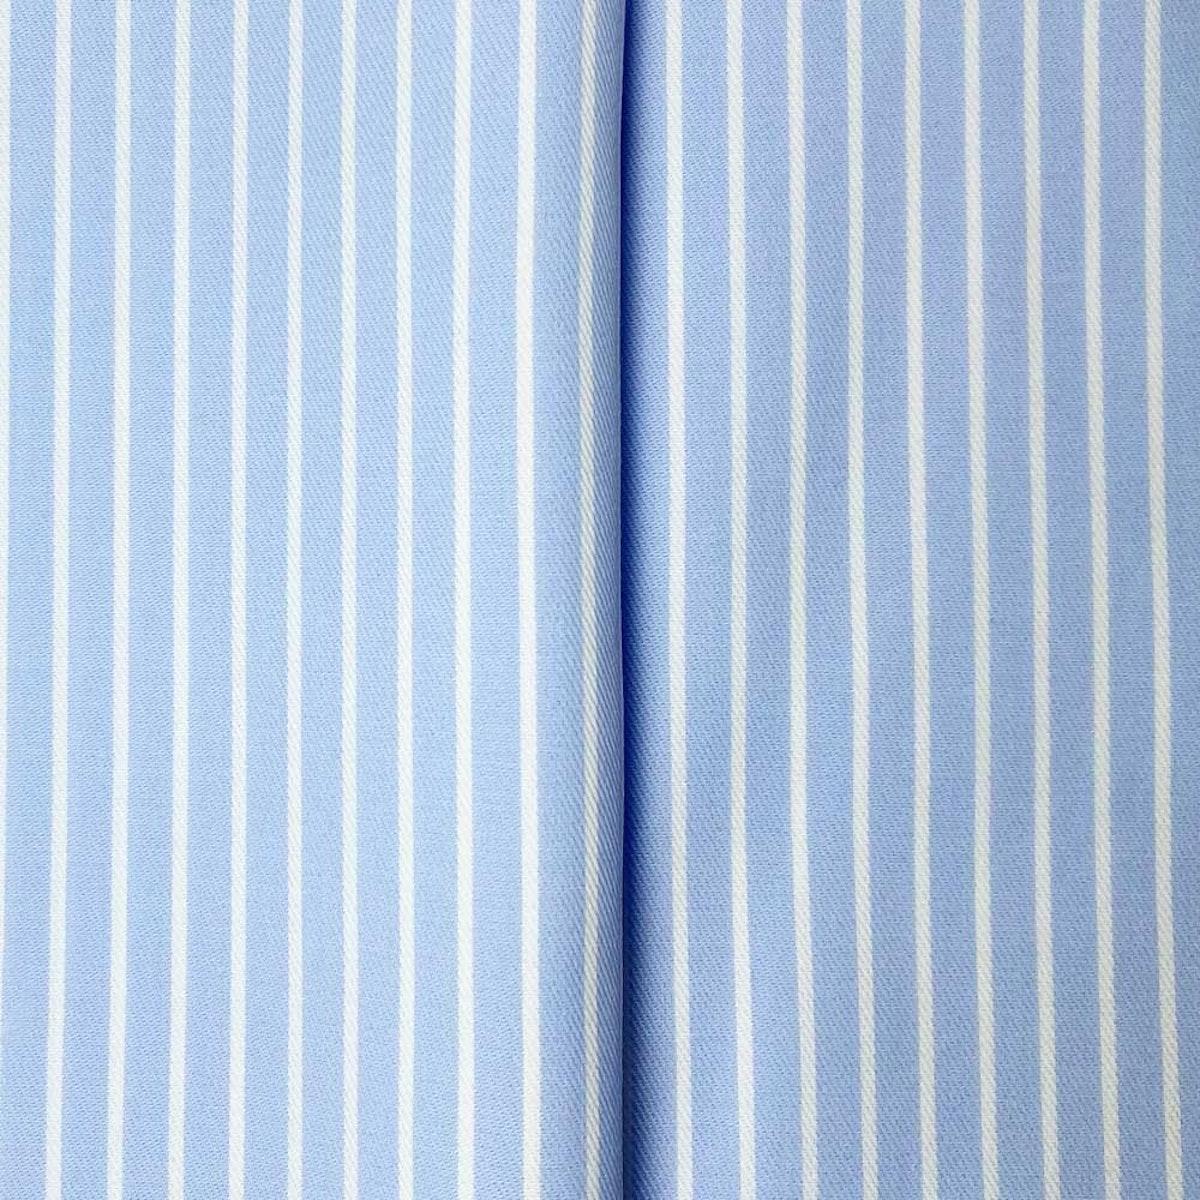 InStitchu Shirt Fabric 96